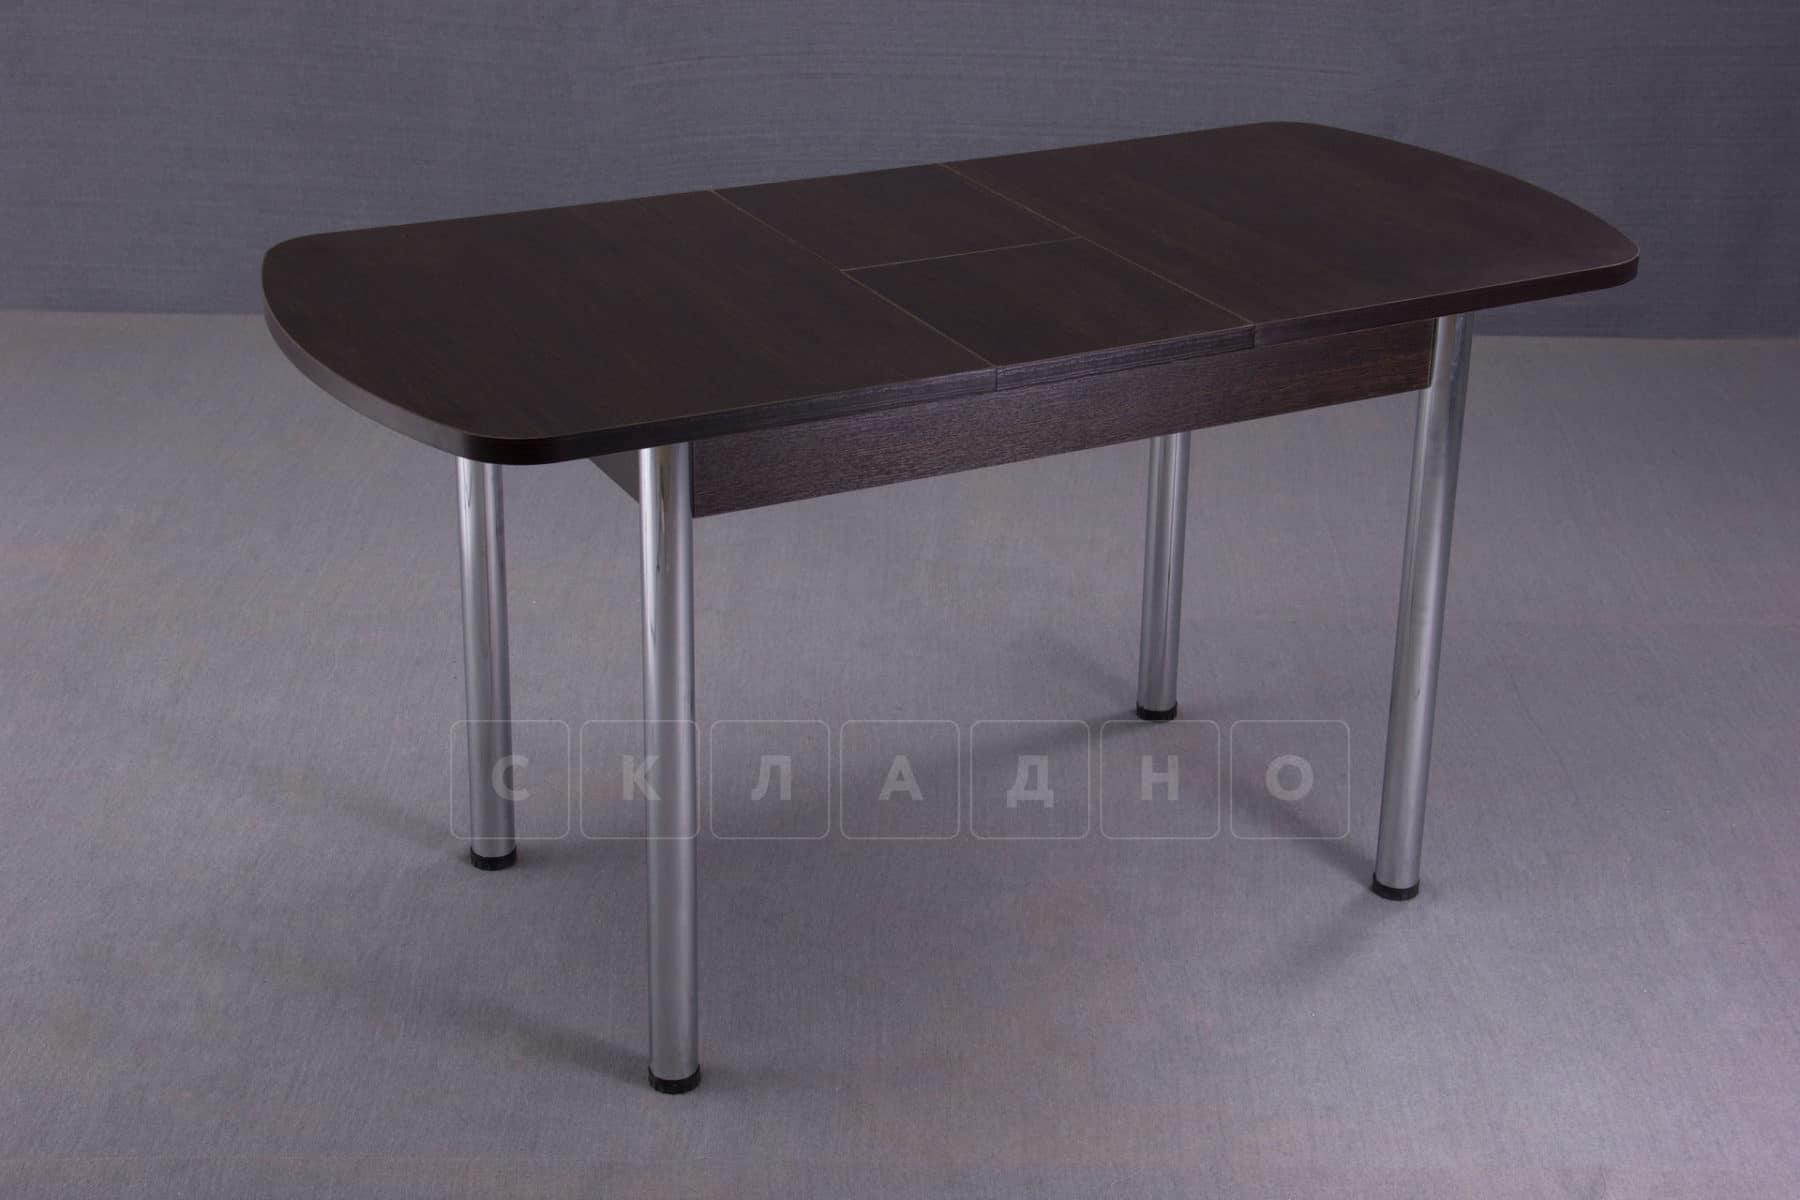 Стол обеденный раздвижной на хромированных ножках 150х70 фото 6 | интернет-магазин Складно